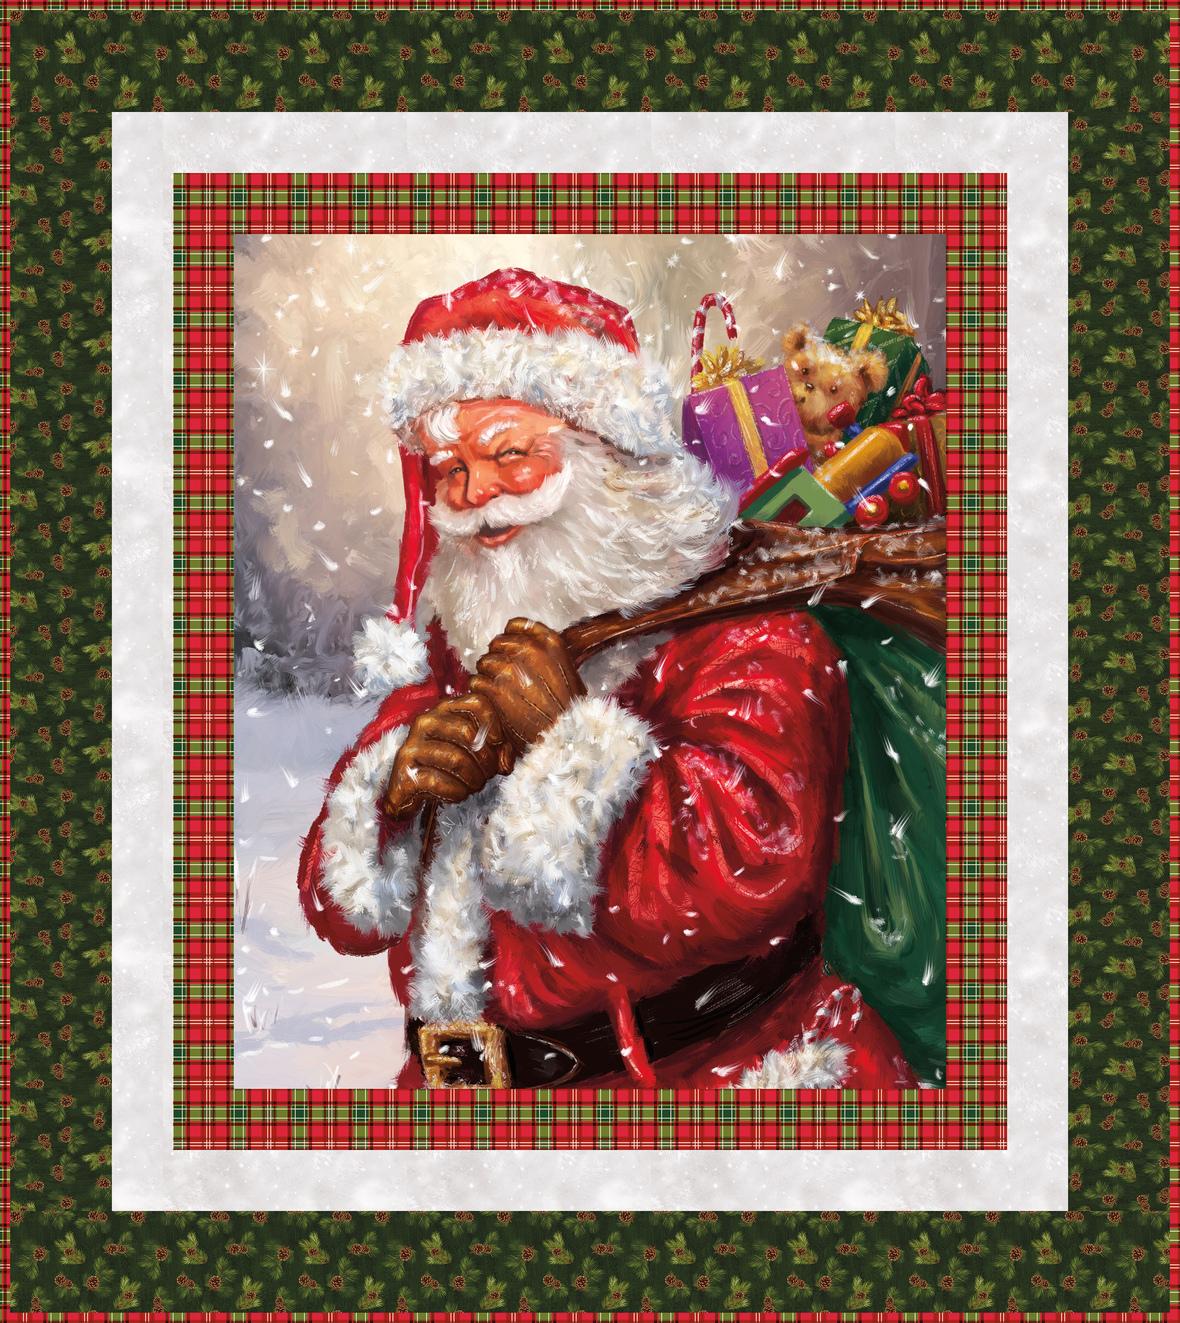 ChristmastimeIsHerePanelQuilt-300dpi